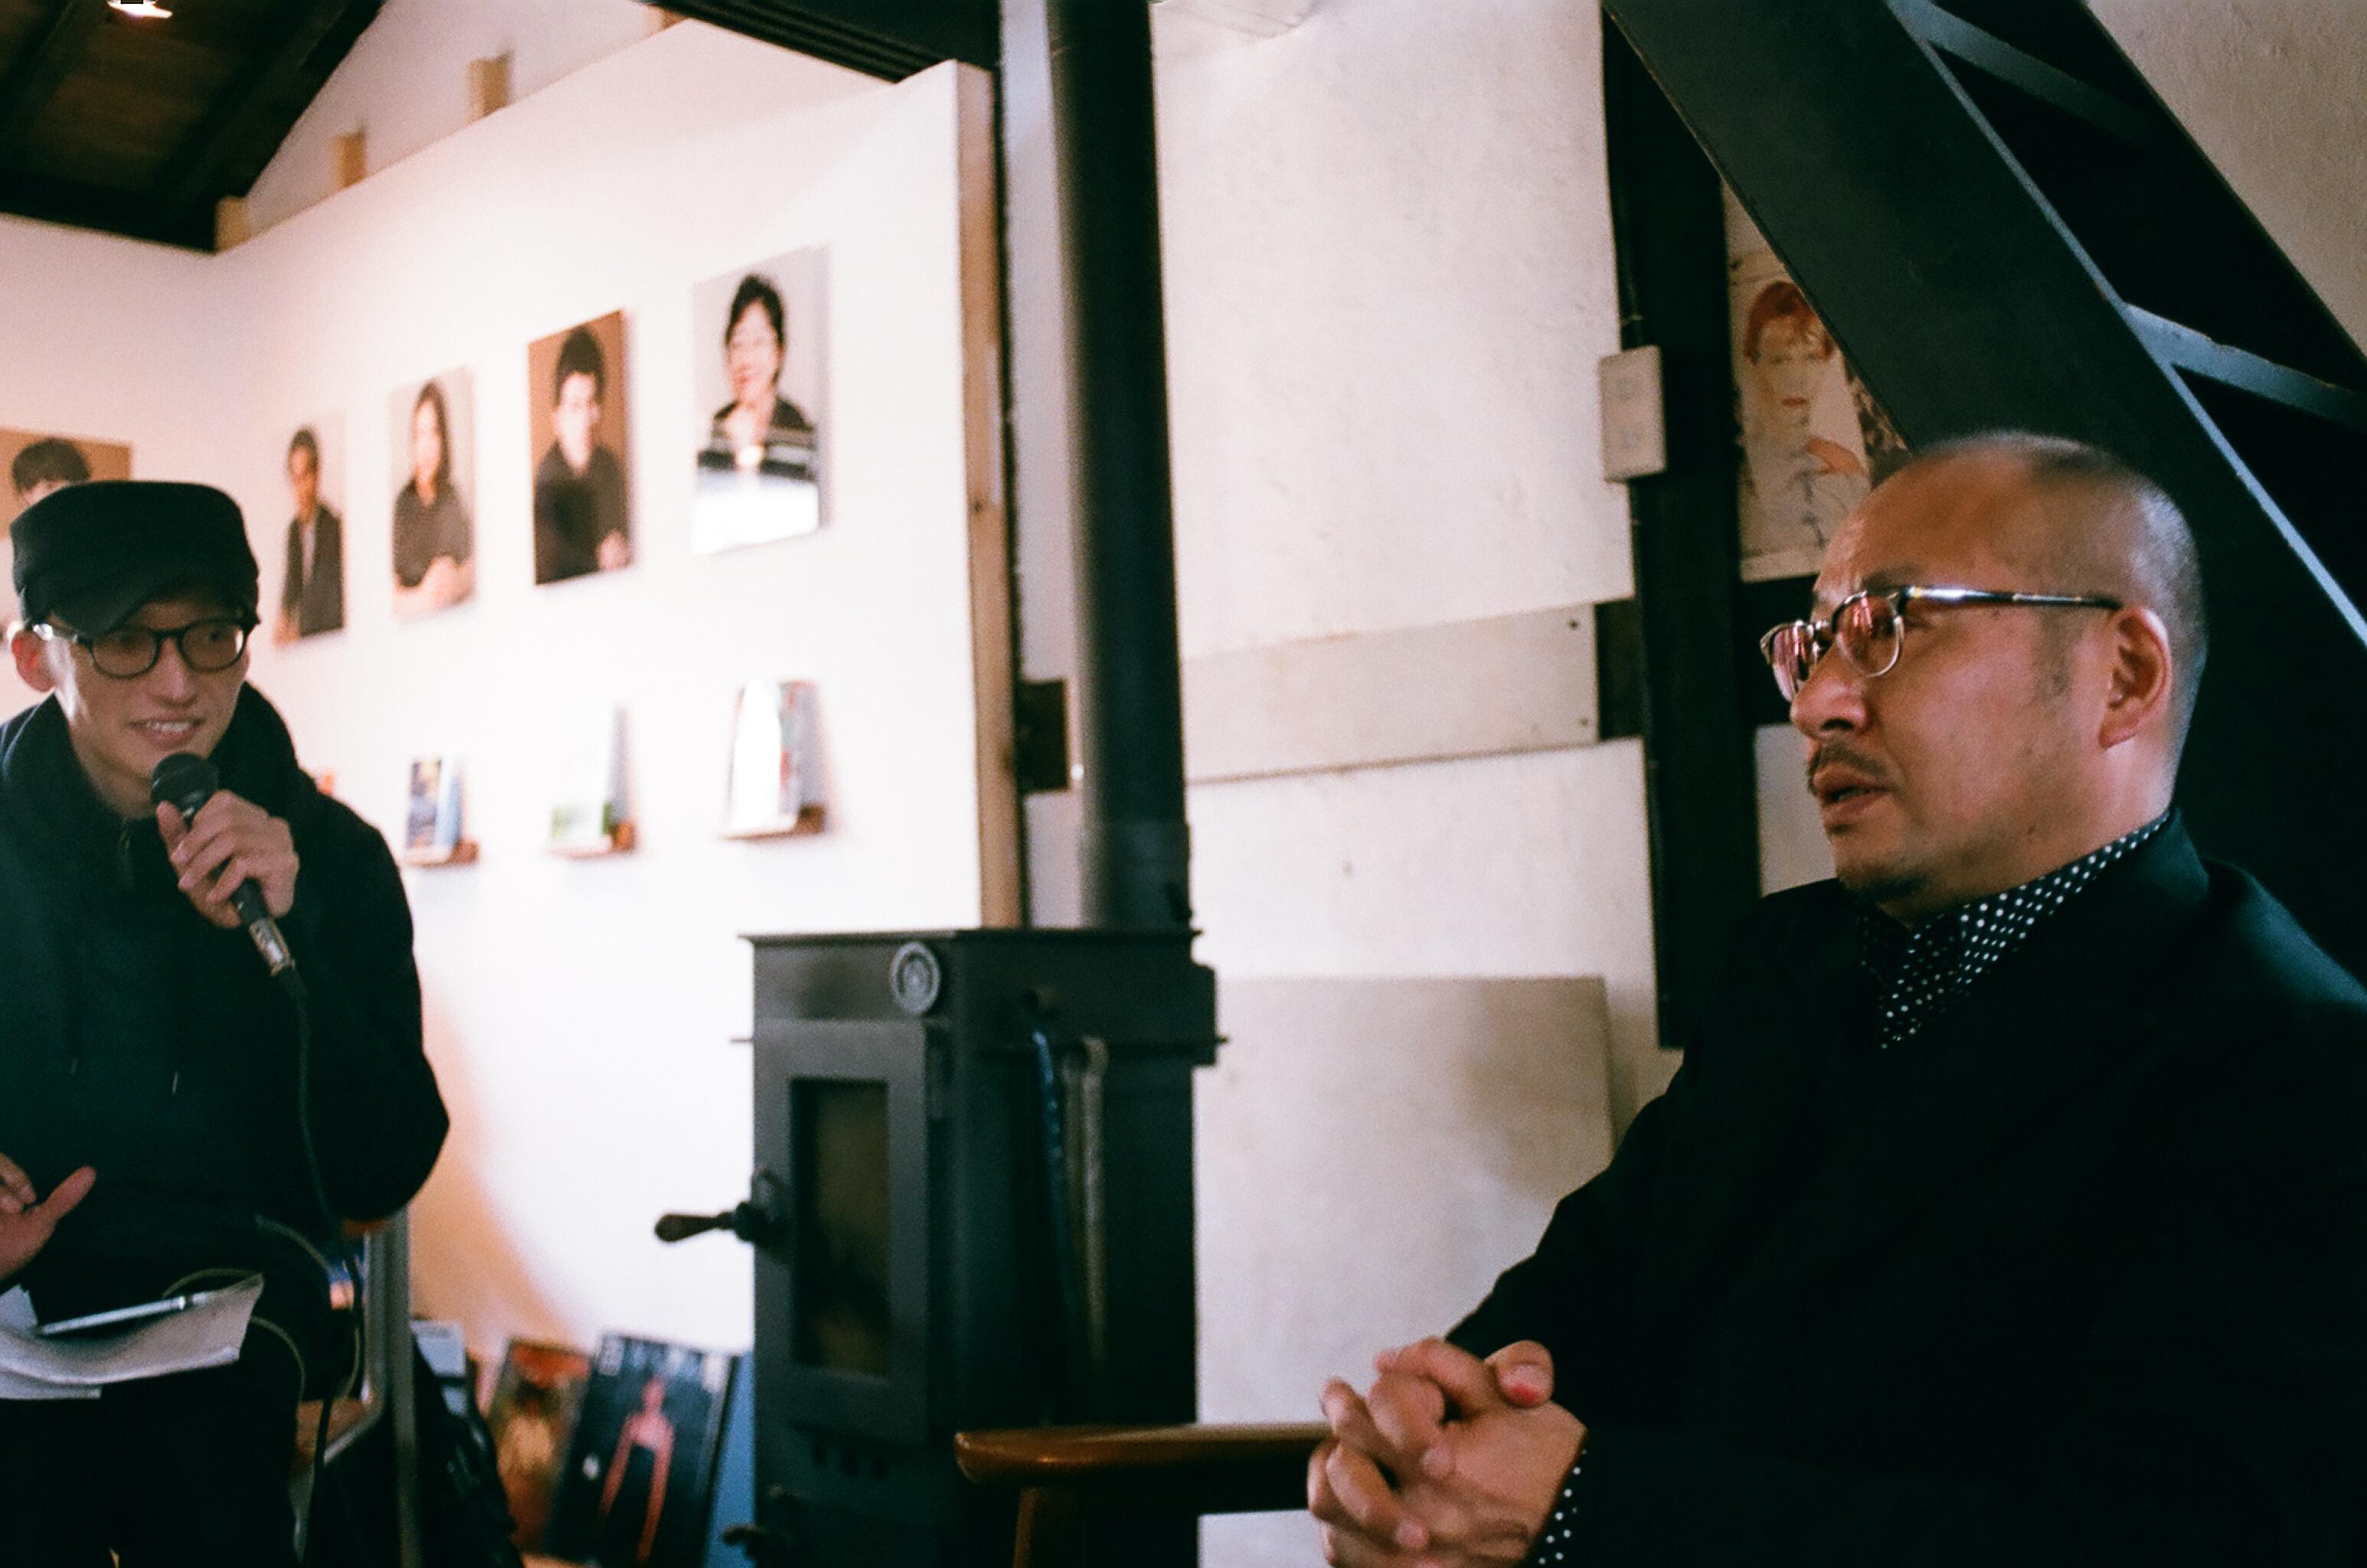 開館式の際の松蔭浩之氏作家トークの様子